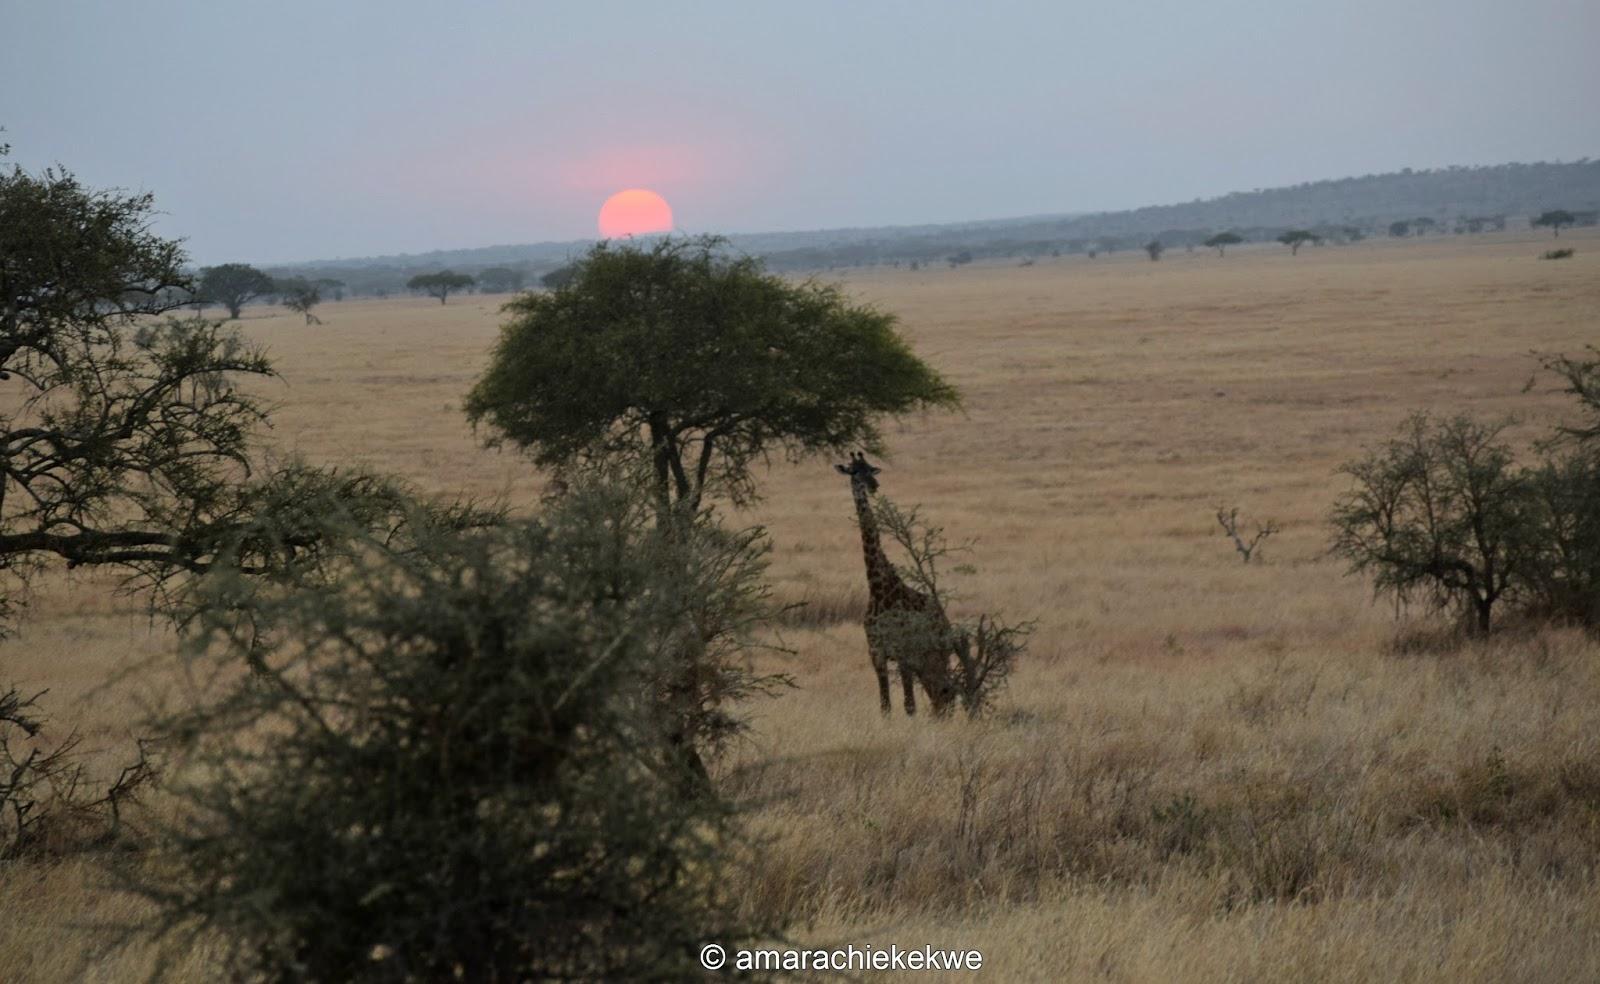 https://i0.wp.com/2.bp.blogspot.com/-kd8-eqZFC5Q/WGlWZ5OR2FI/AAAAAAAAXpY/LDjhqpxNsJsJCsyMK5717ytVLXIYoRVtACLcB/s1600/giraffe.jpg?resize=750%2C461&ssl=1